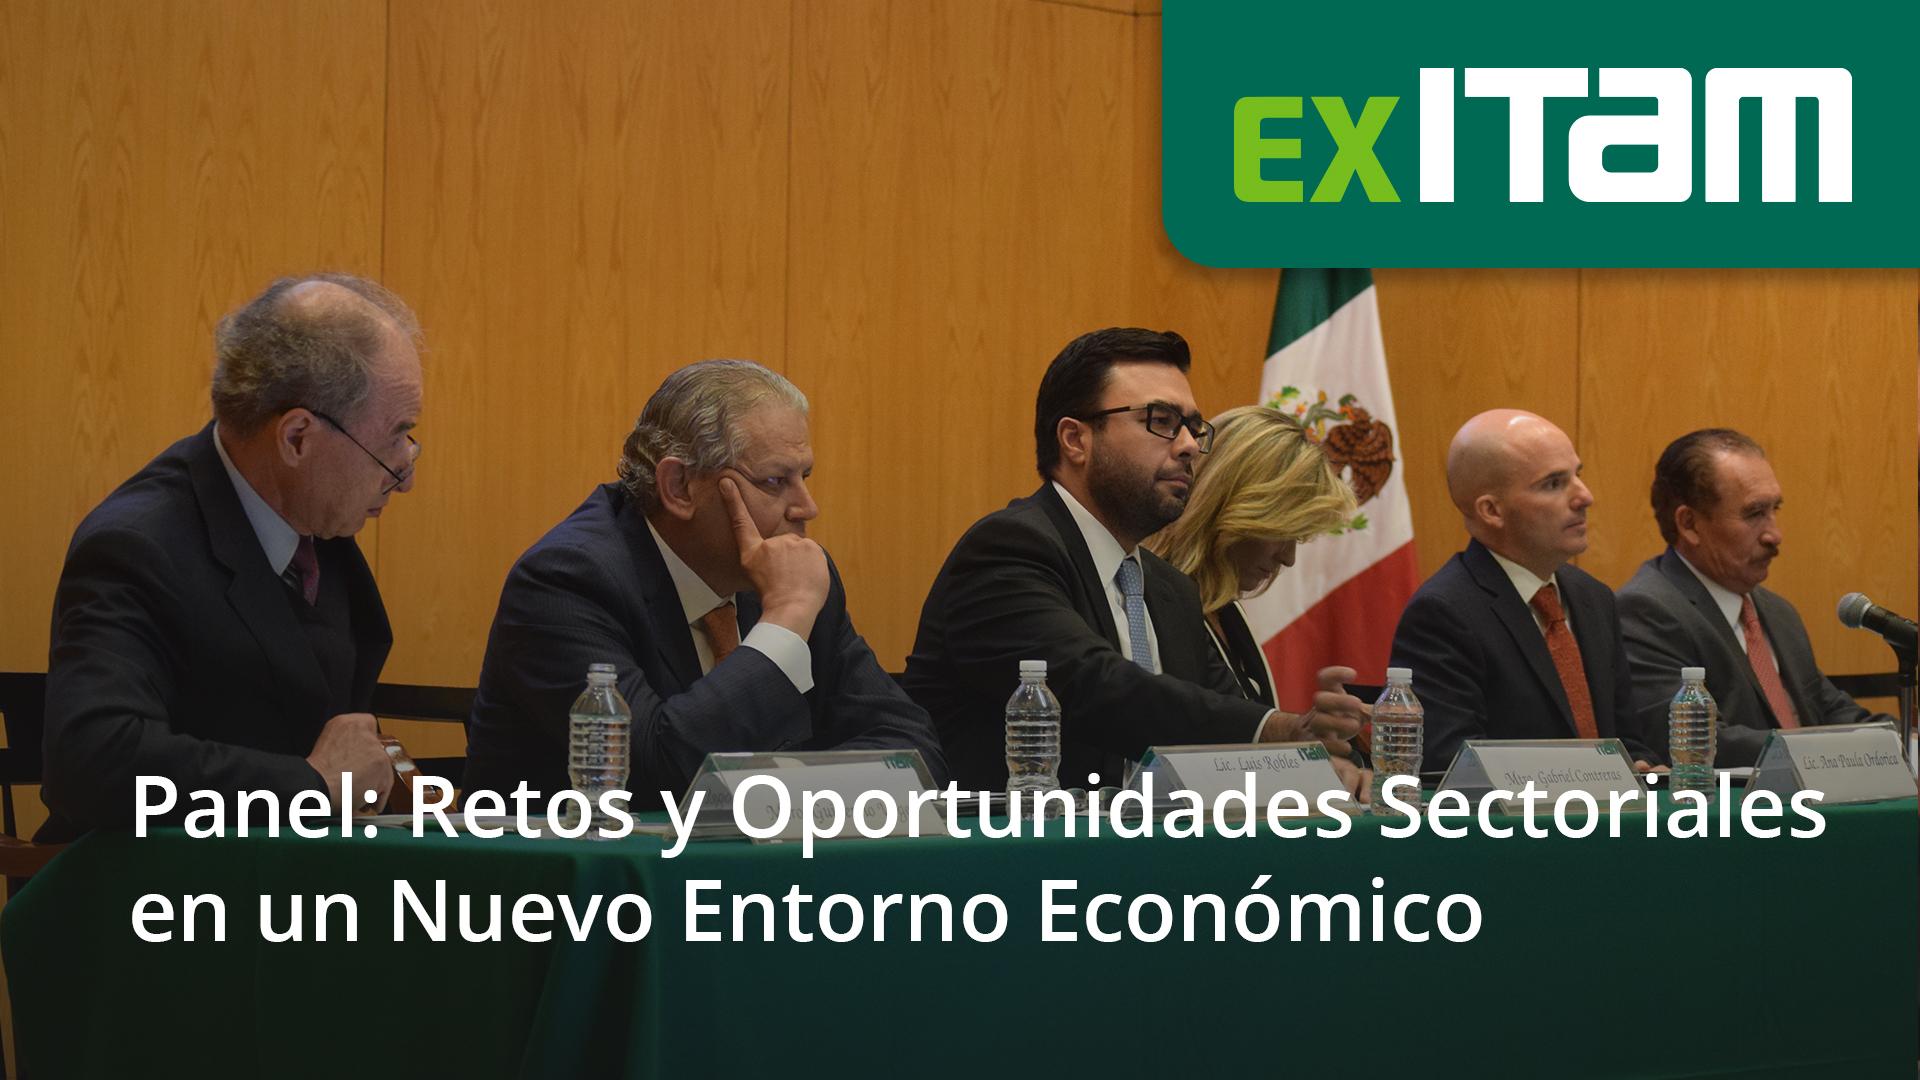 Panel: Retos y Oportunidades Sectoriales en un Nuevo Entorno Económico